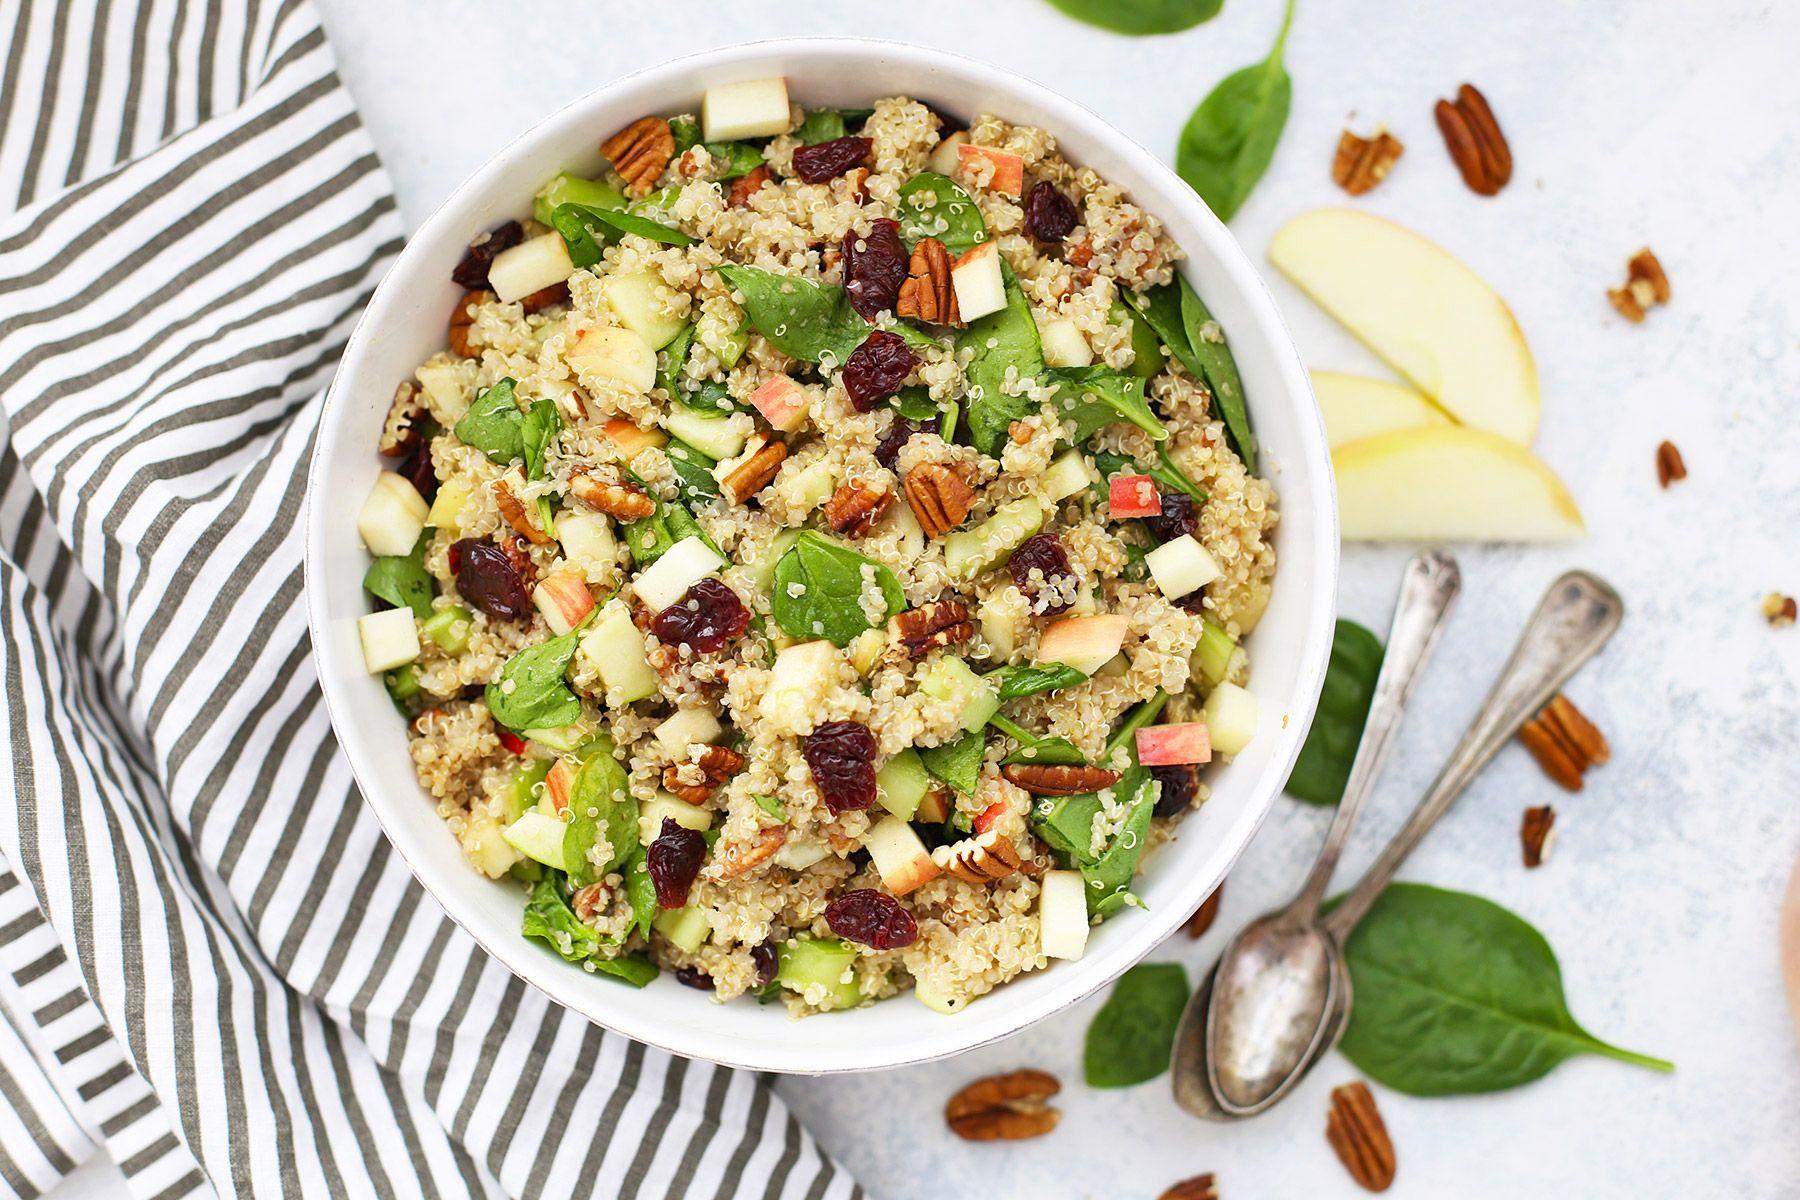 Kết quả hình ảnh cho Bát quinoa & Chickpea